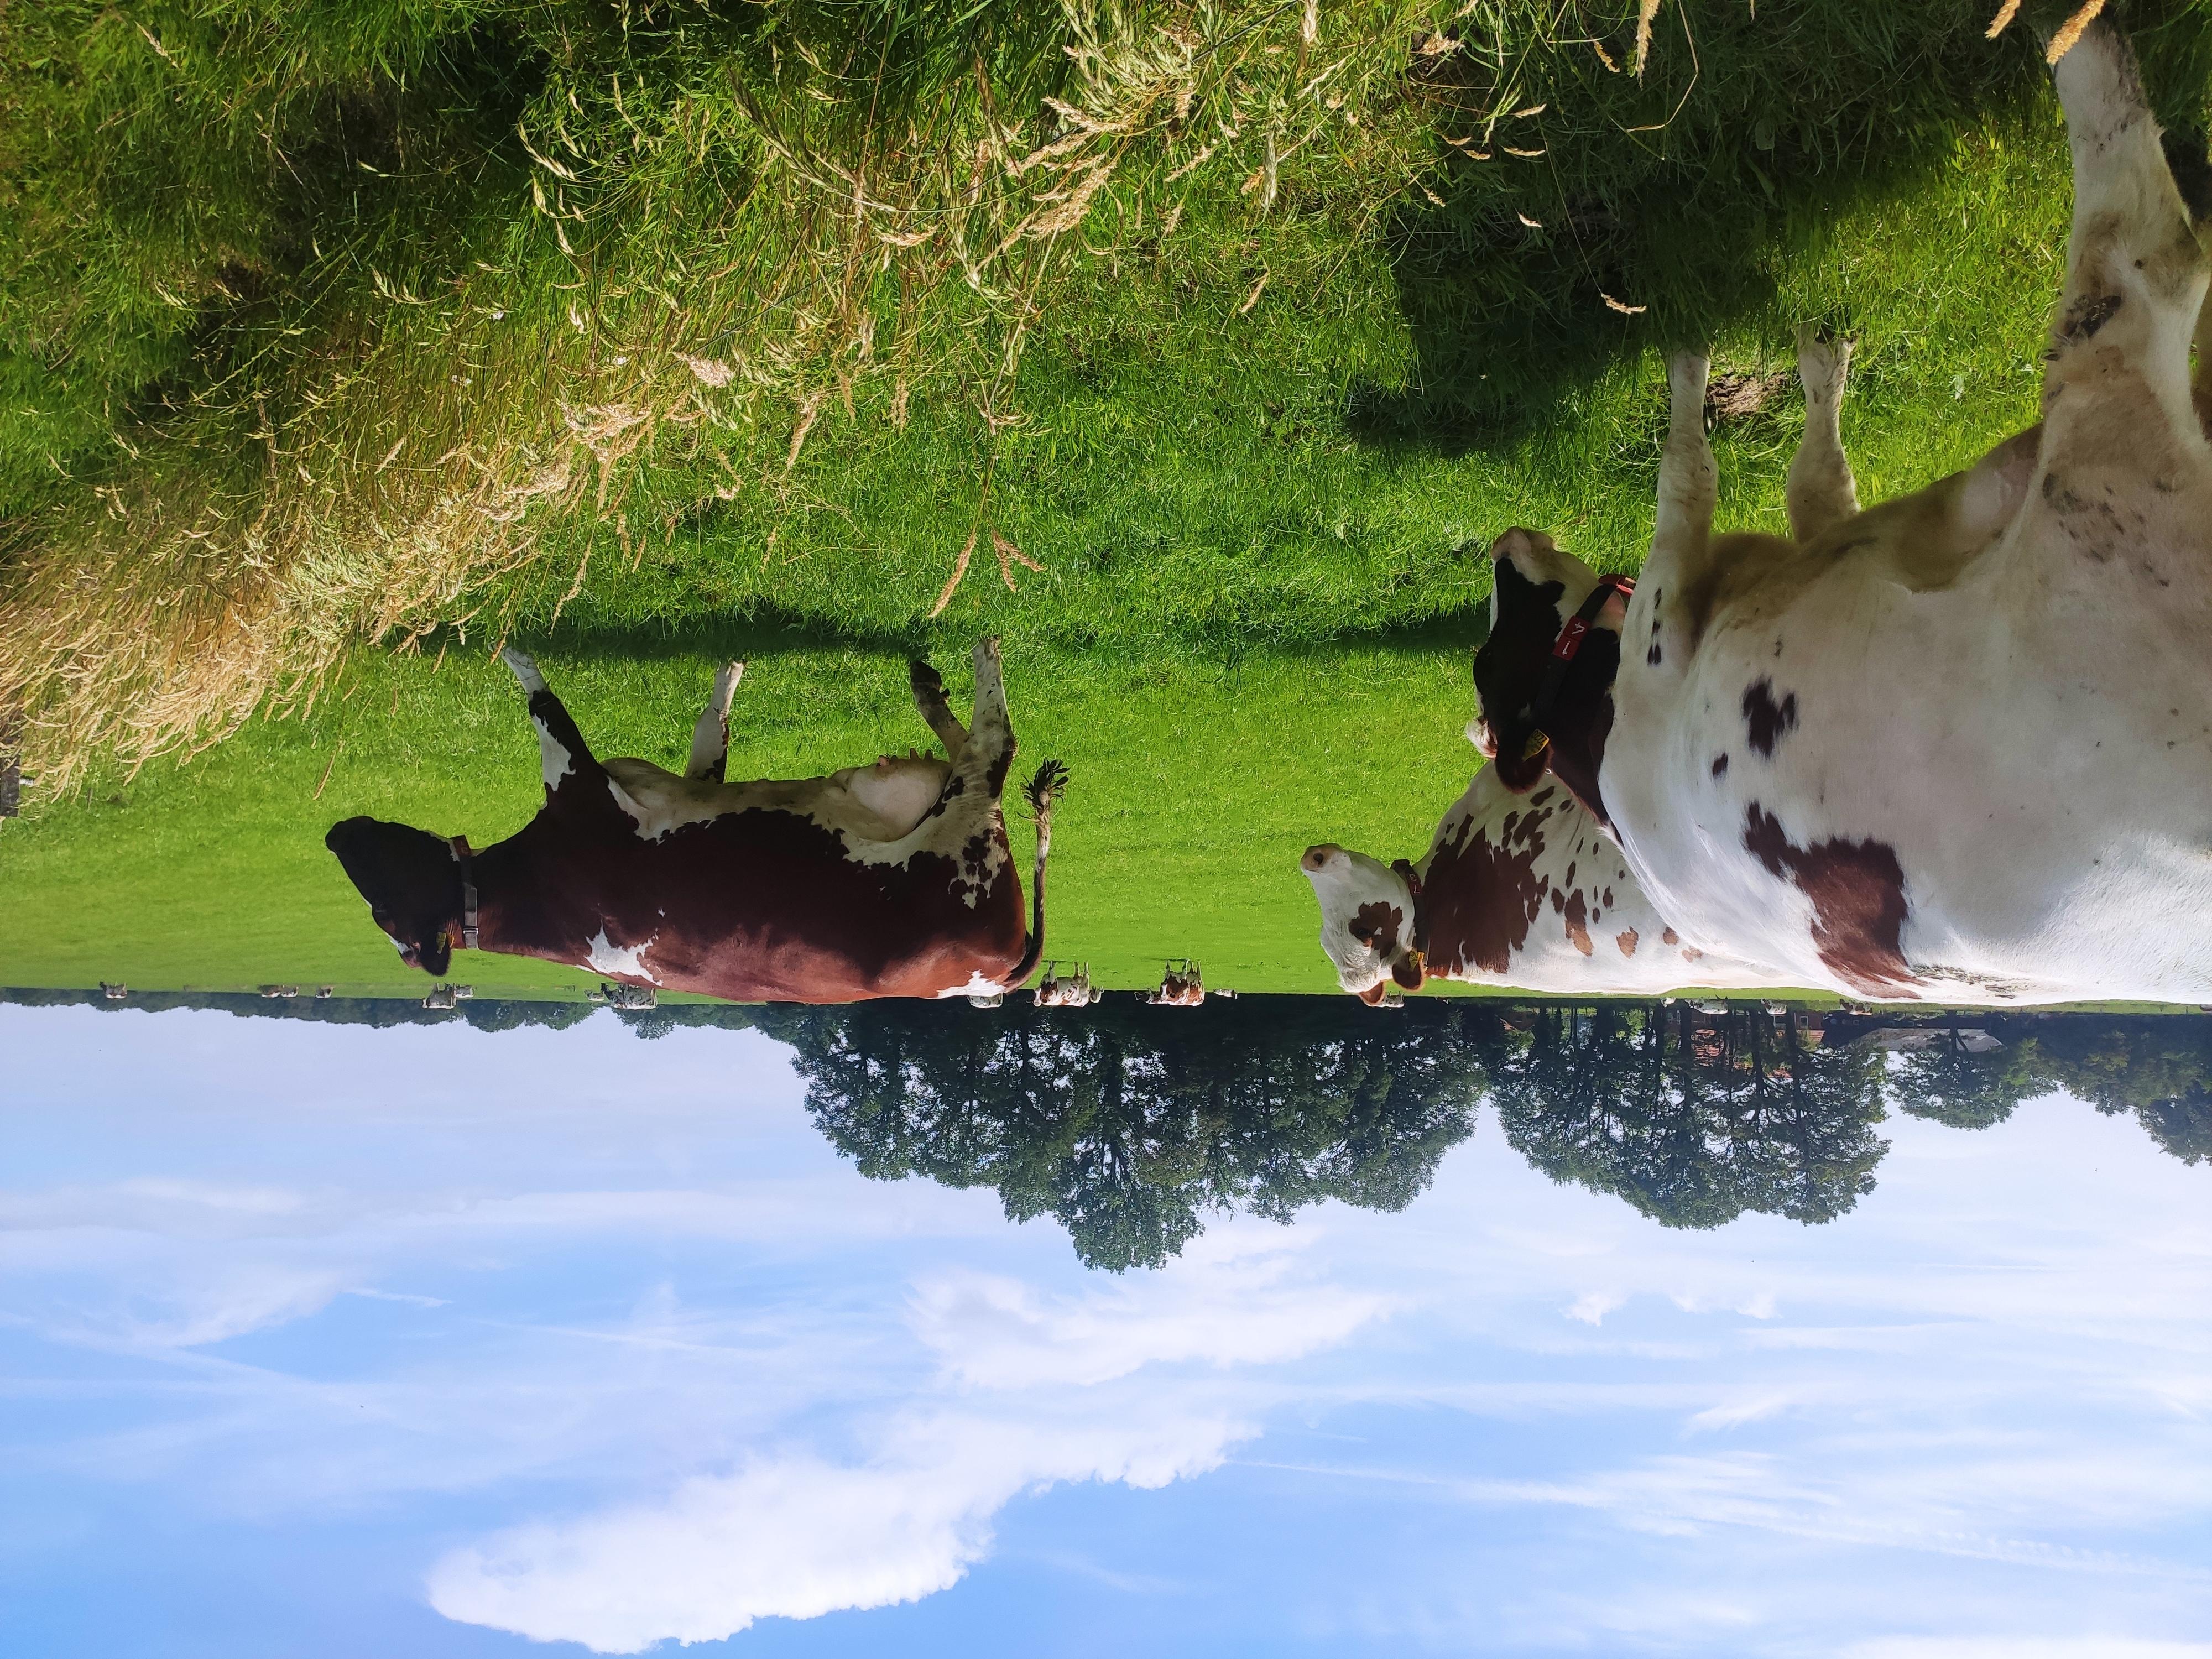 Column: 10.000 liter vet en eiwit koe